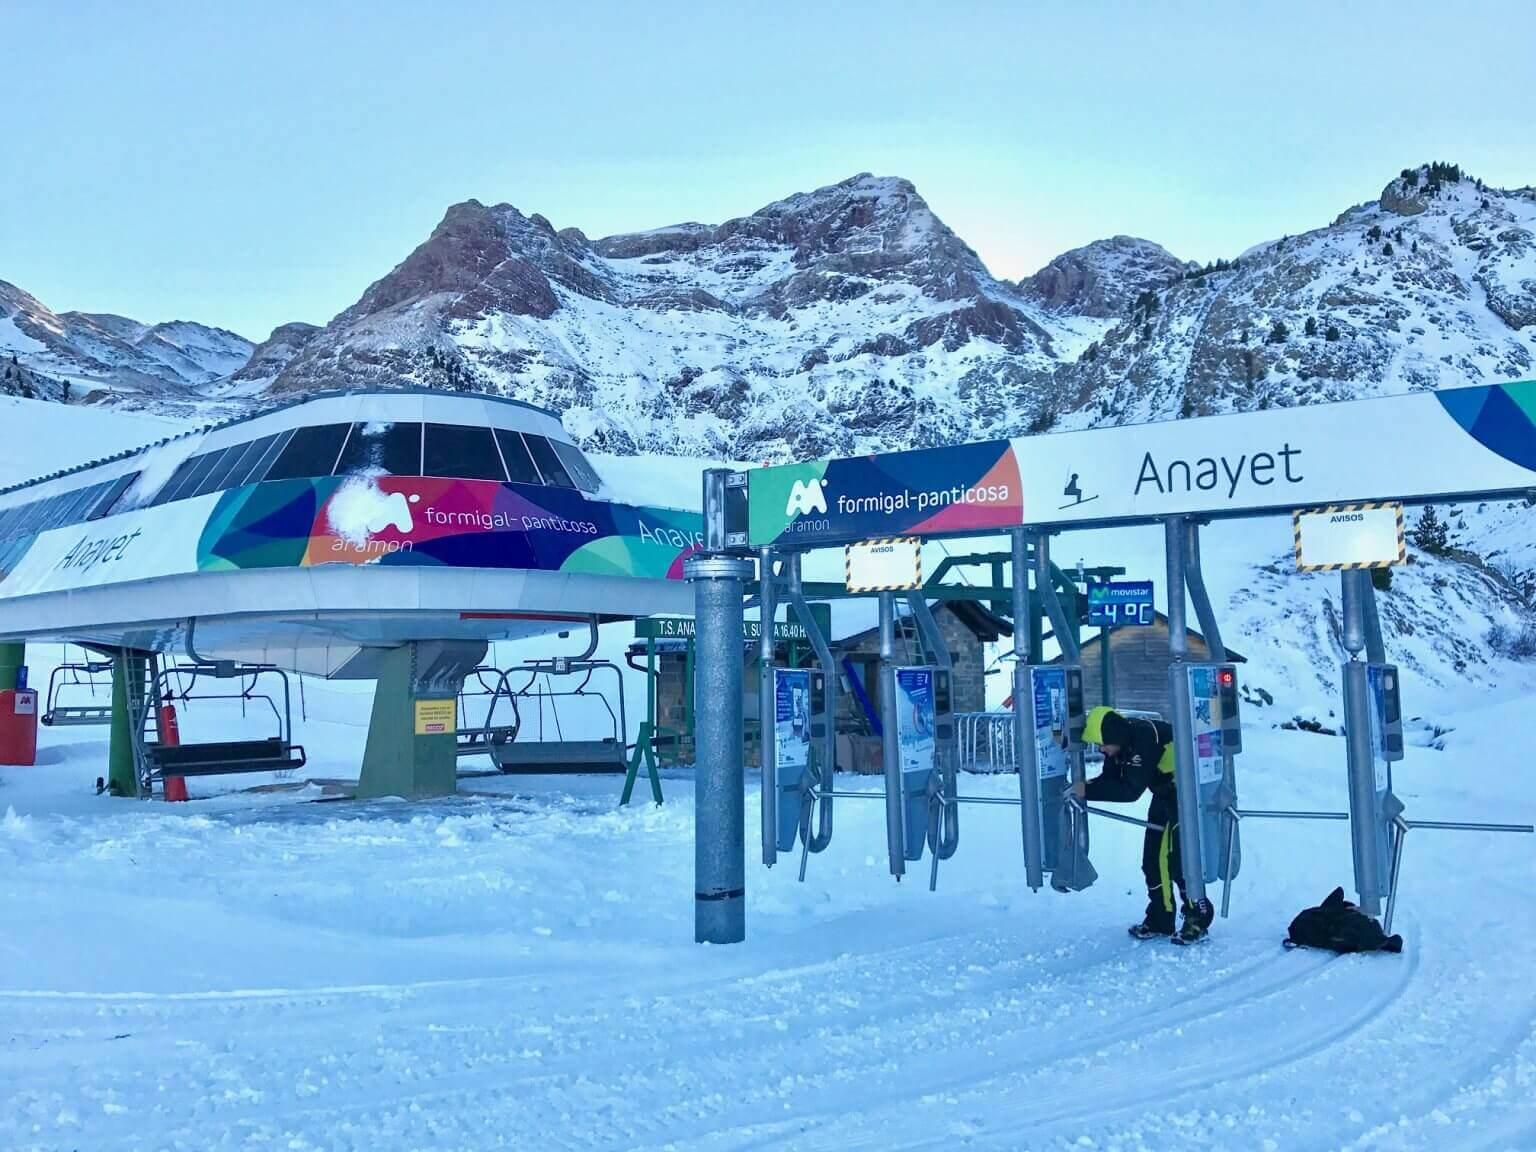 A estação de esqui de Formigal-Panticosa na Espanha.